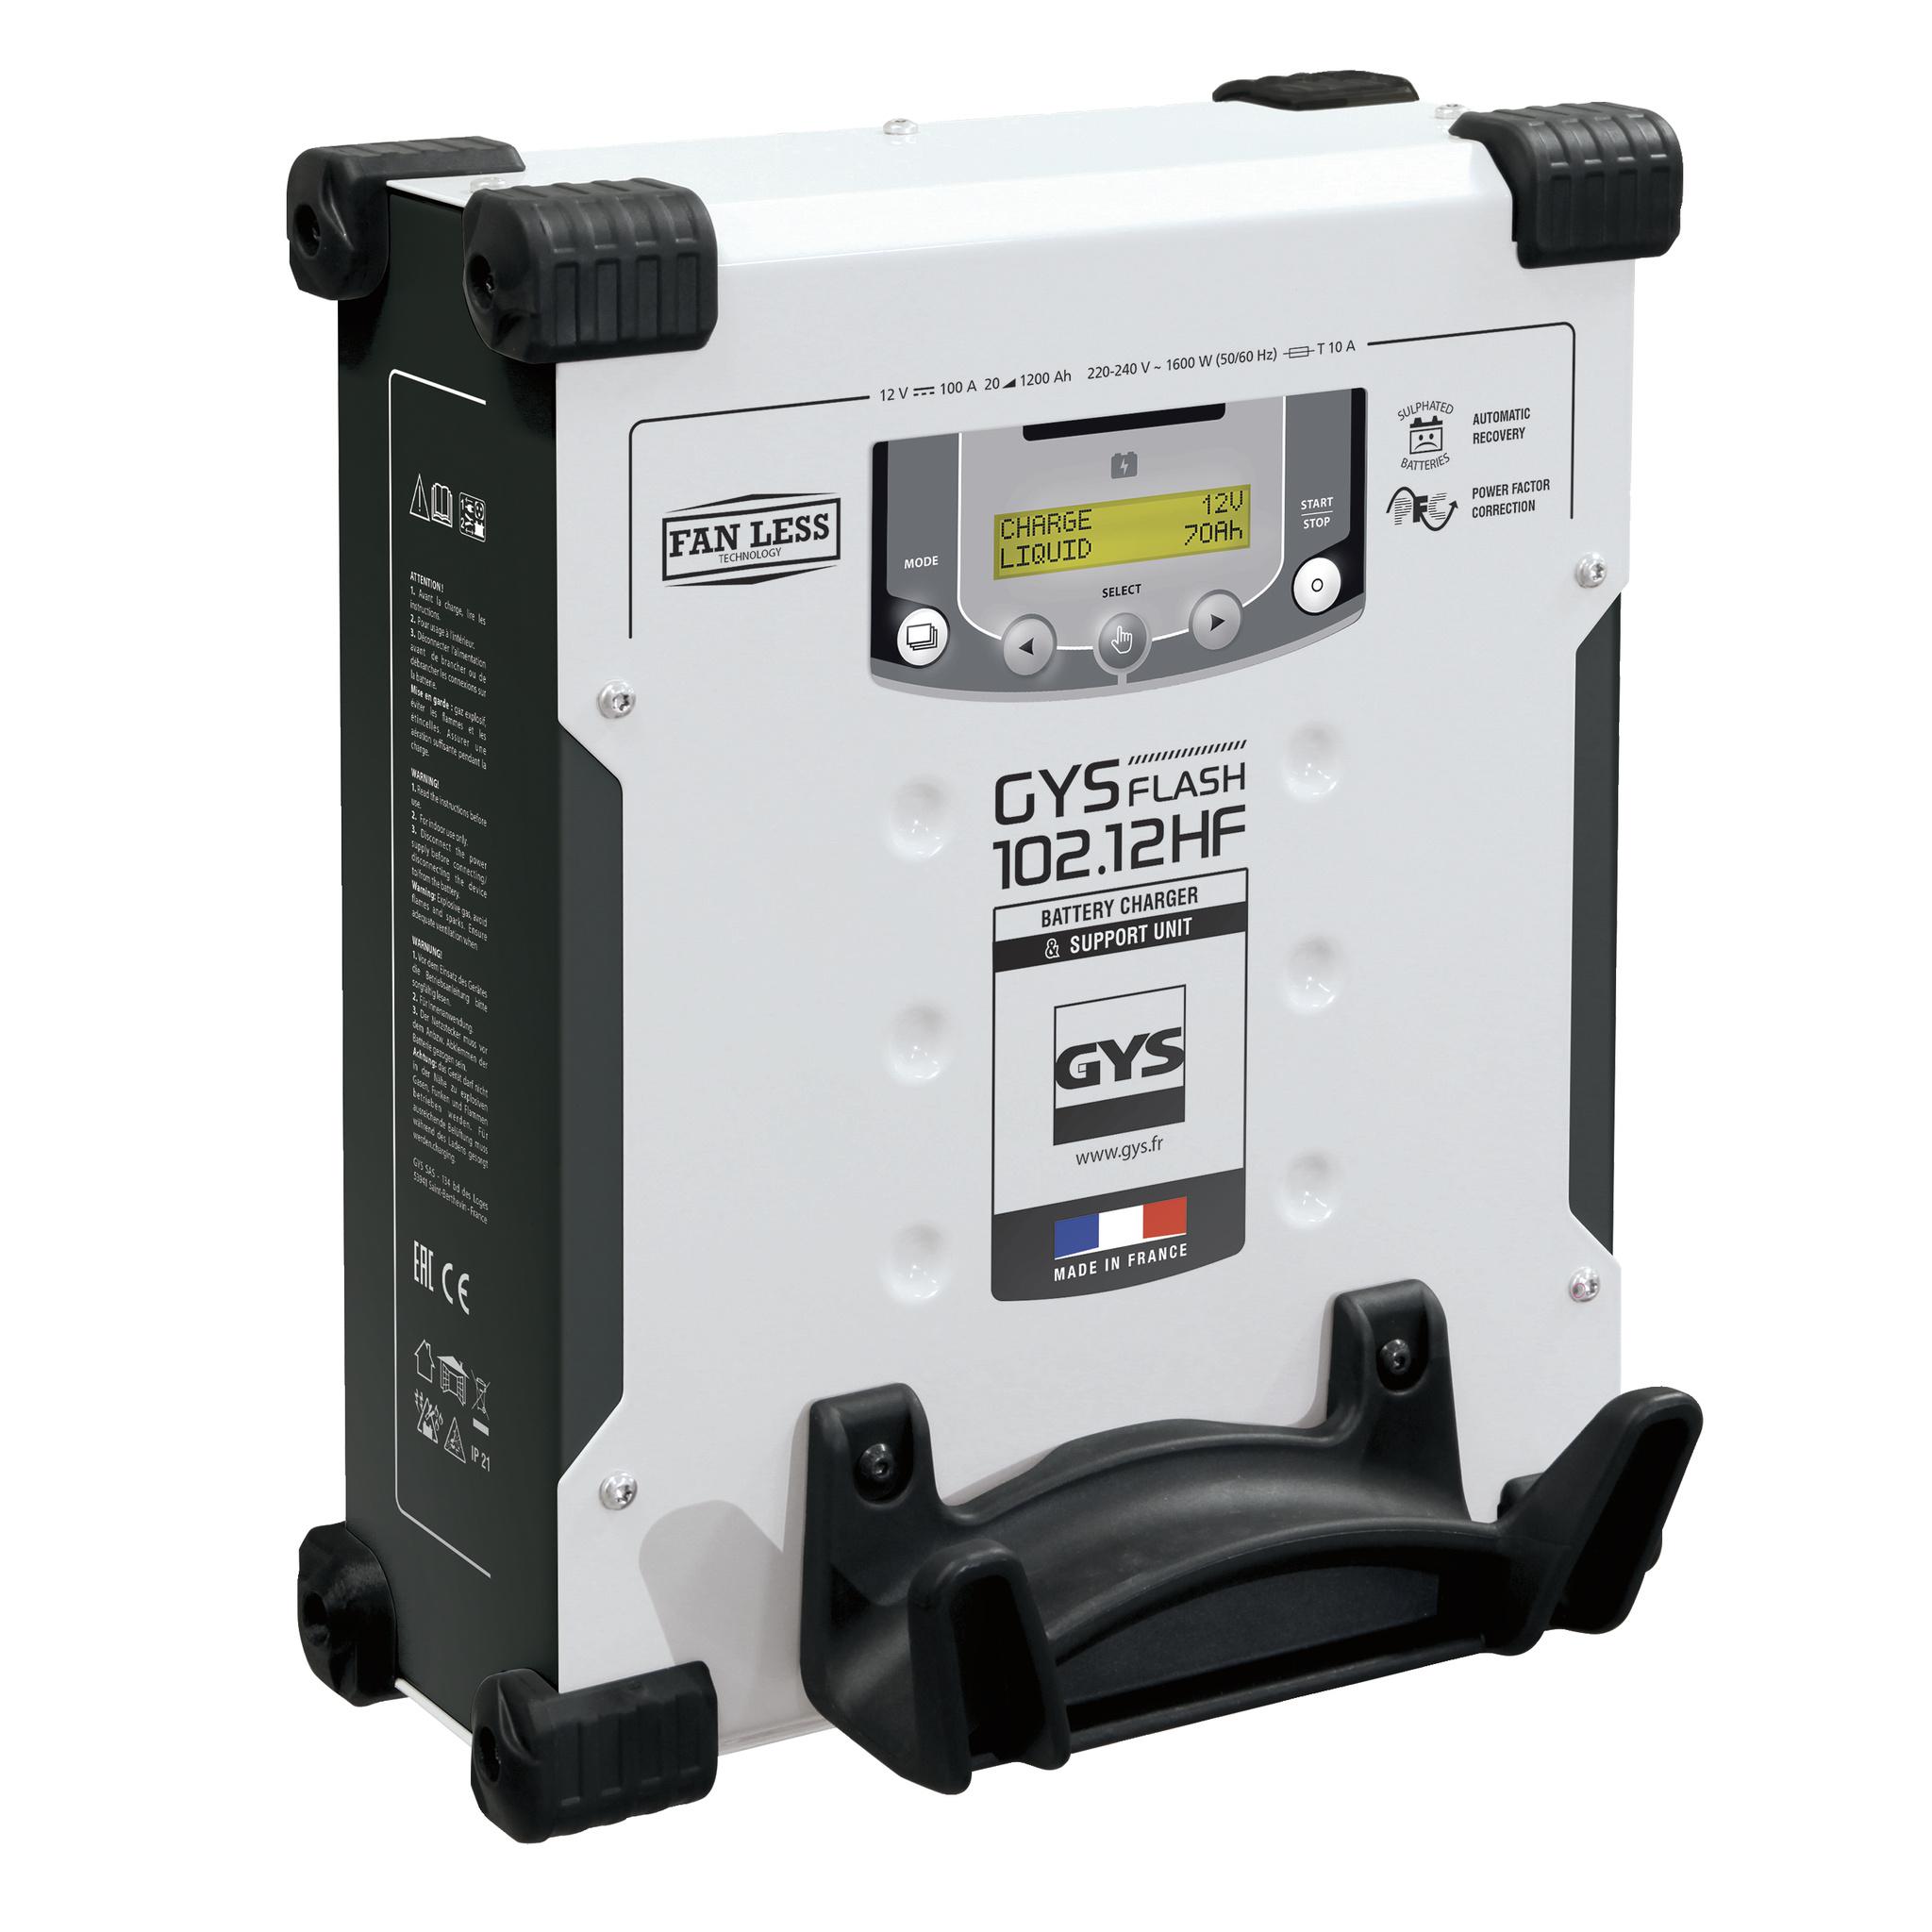 Druppellader GYS GYSFLASH 102.12 HF Vertikal 12 V 100 A